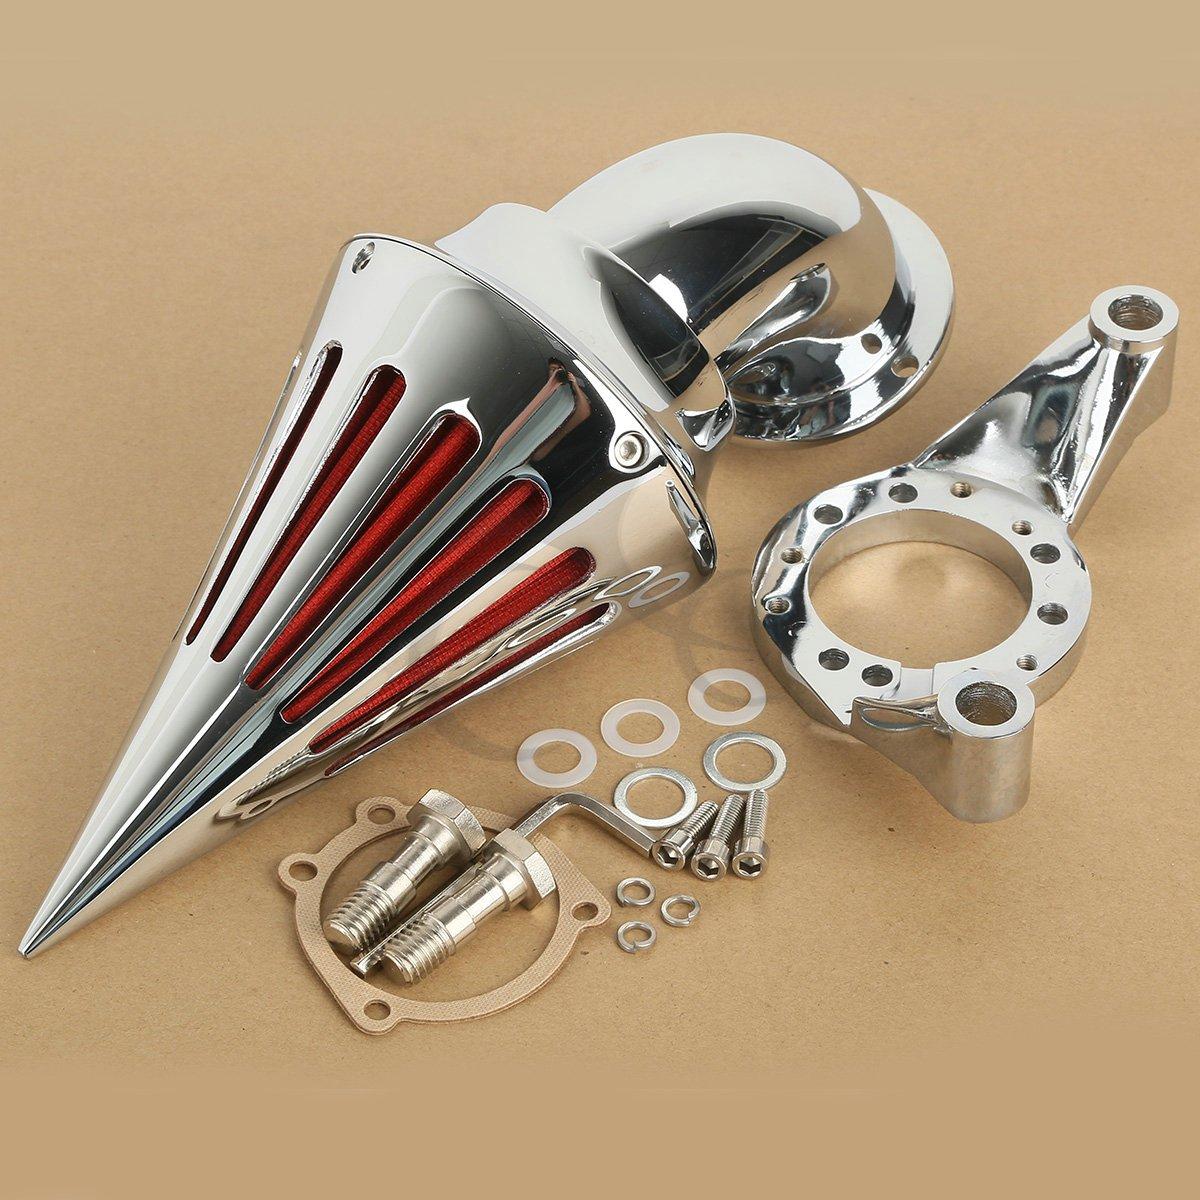 XMT-MOTO Aluminum Spike Air Cleaner Intake Filter For Harley CV Carburetor Delphi V-Twin